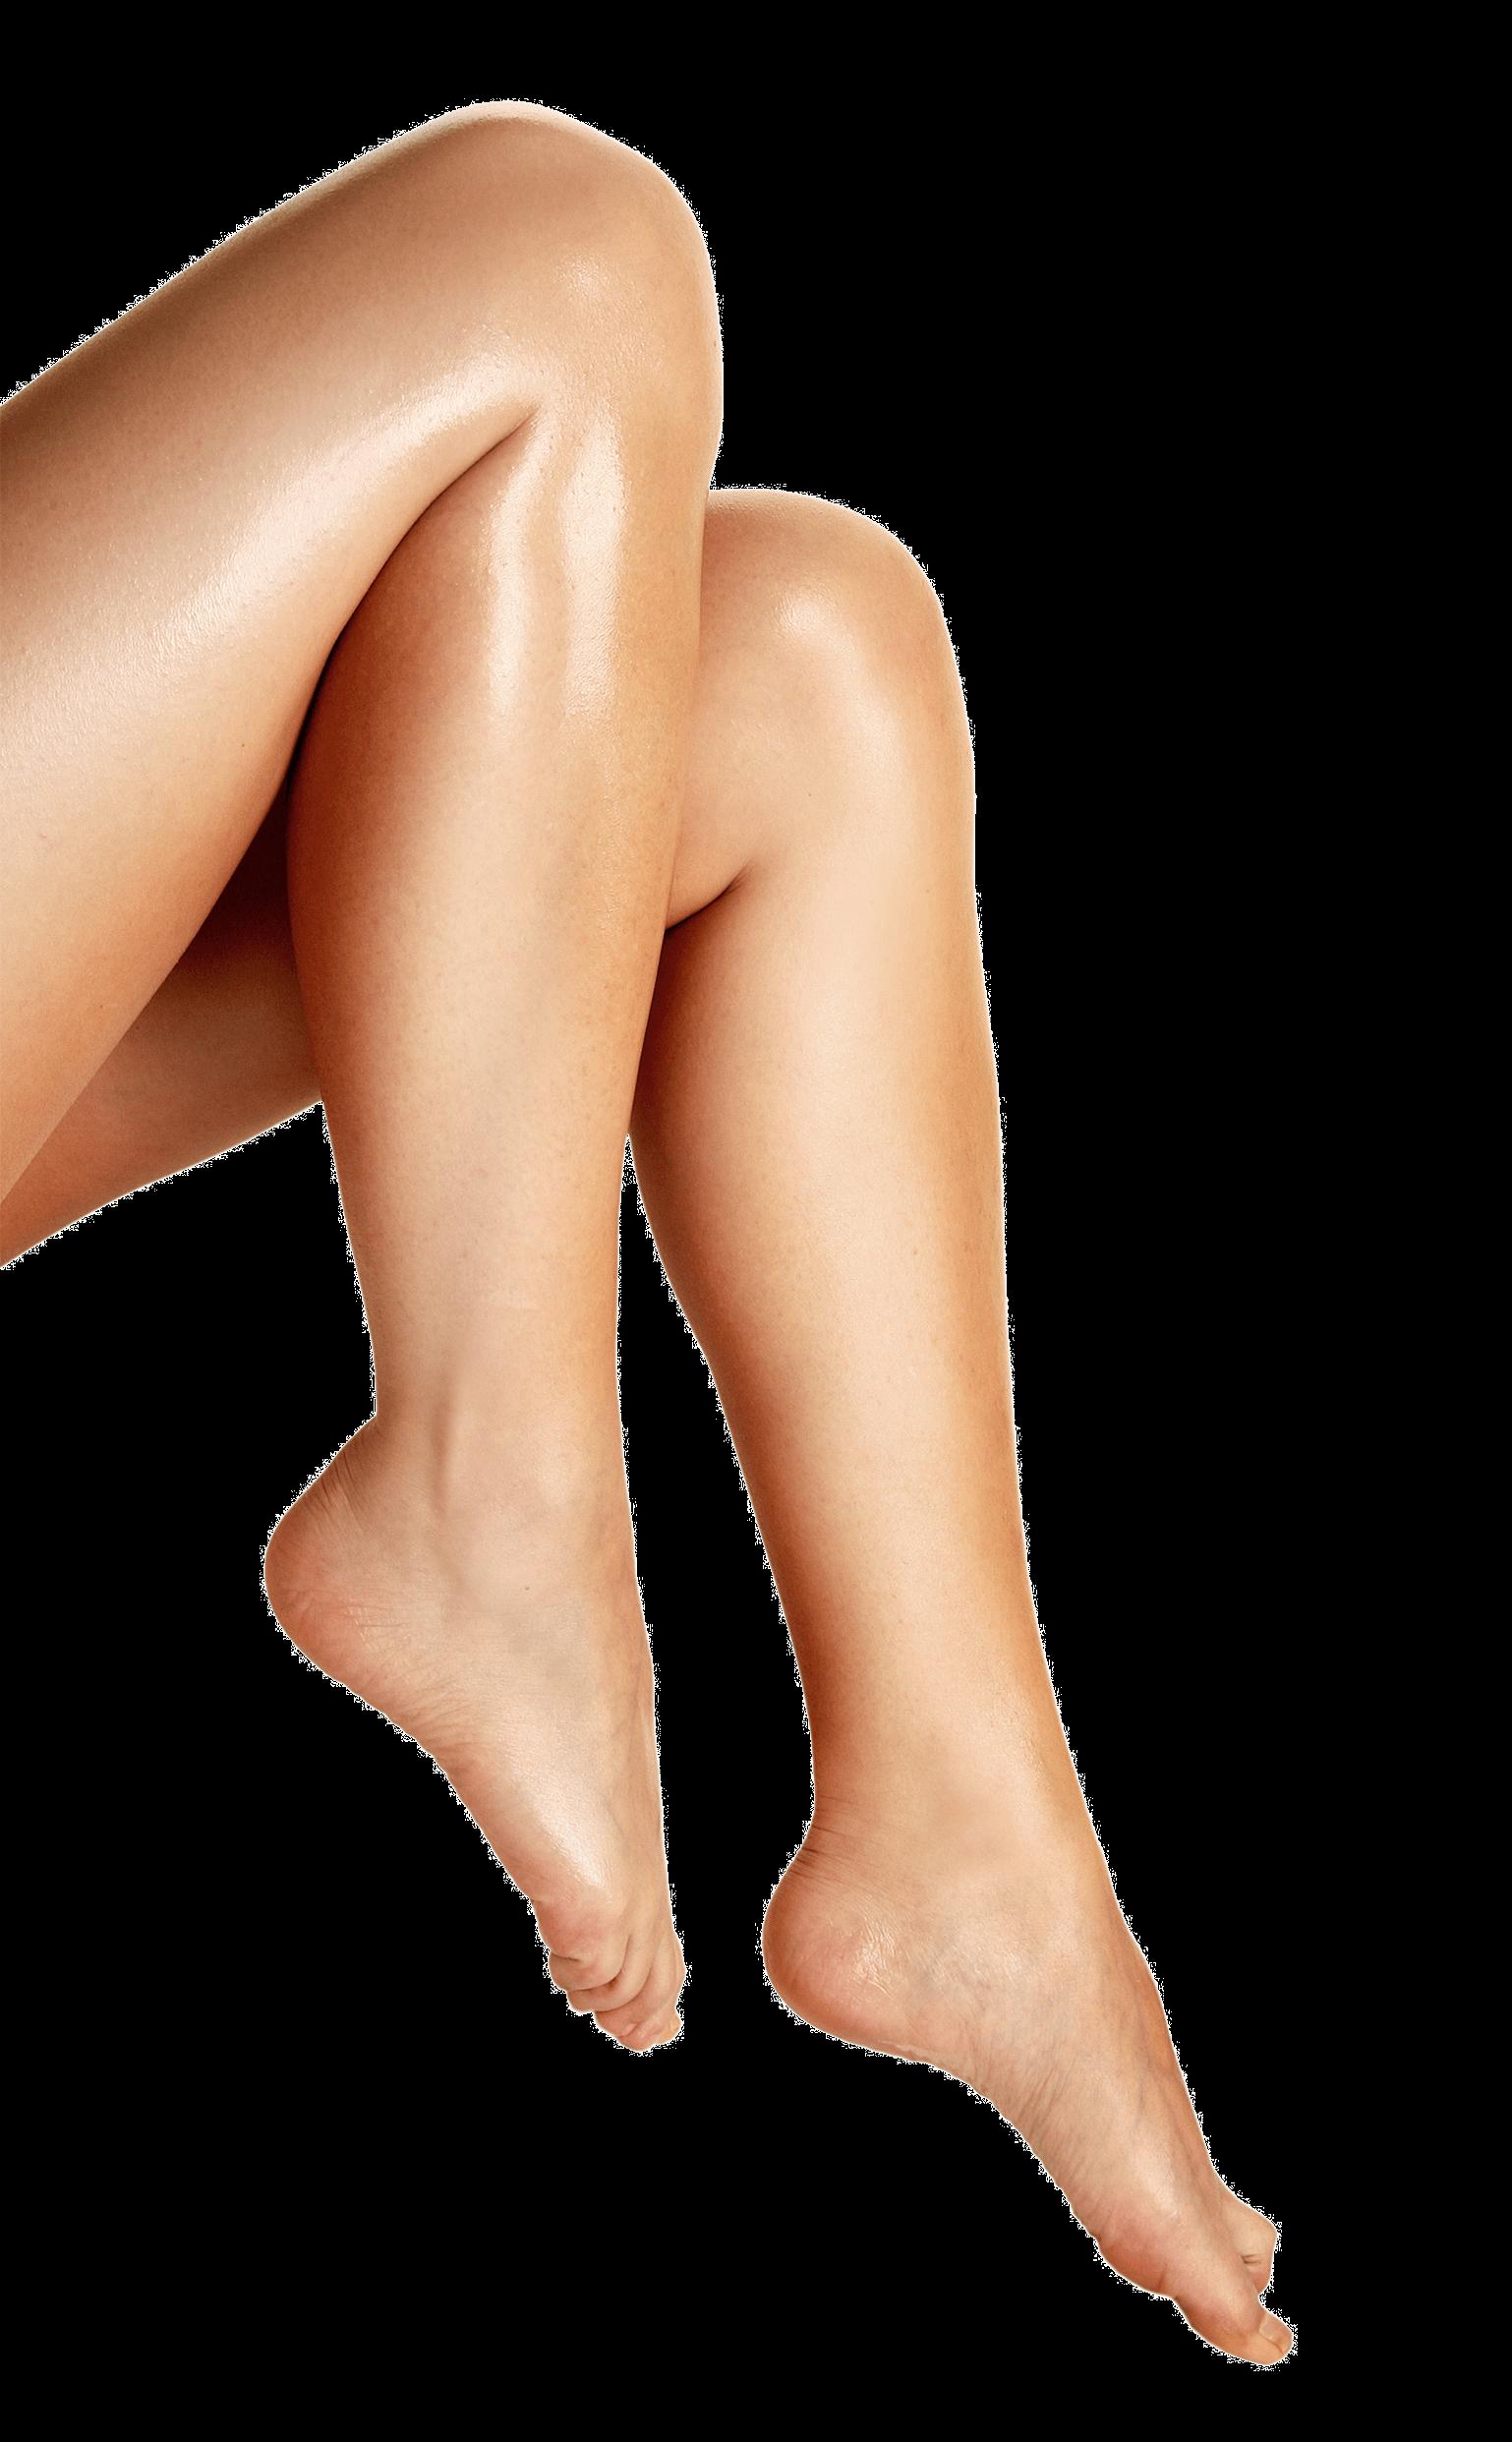 Download · people · legs - Legs PNG